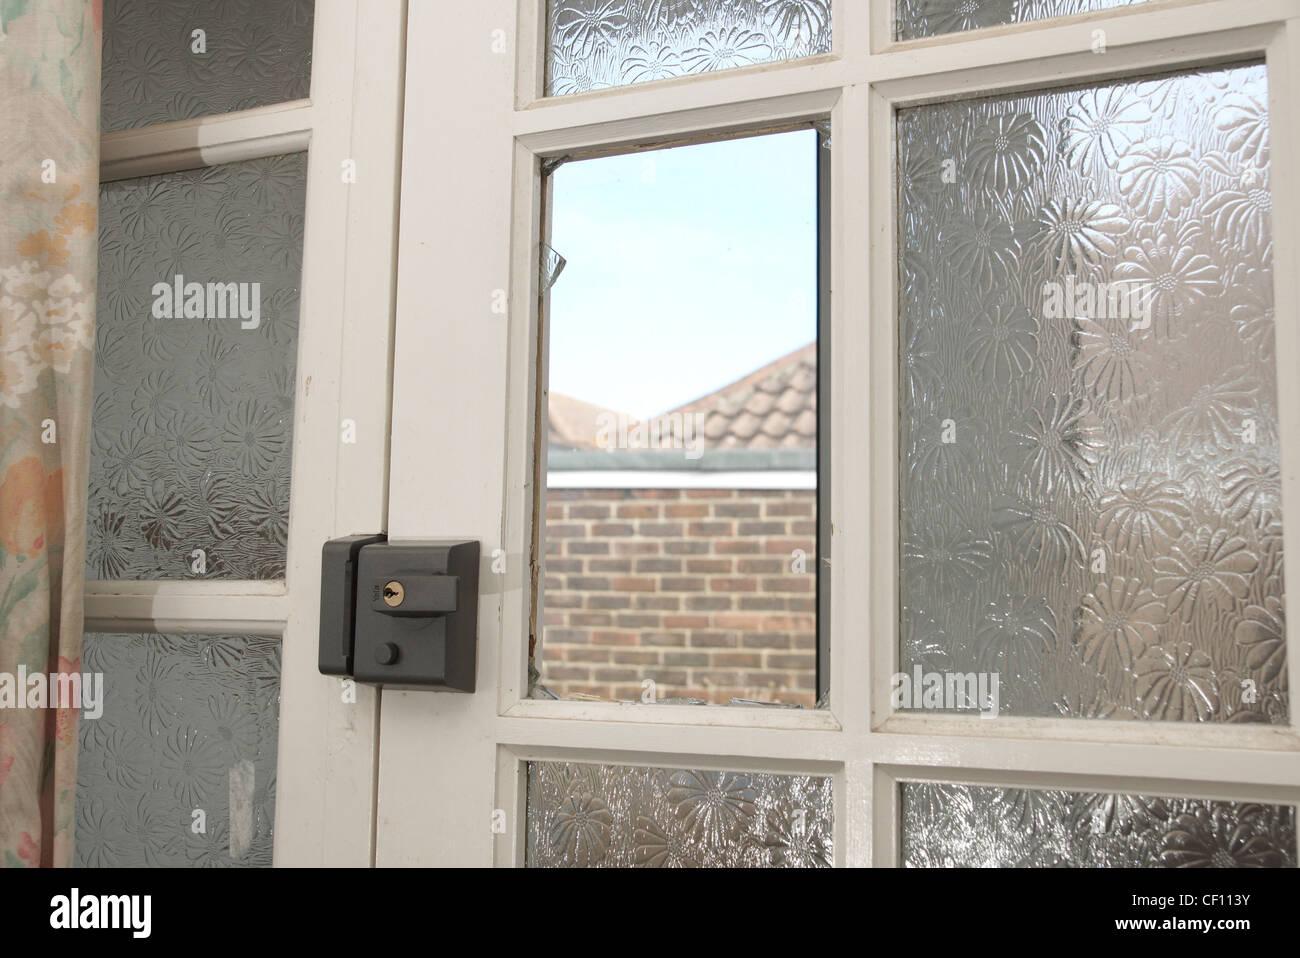 Decorating front door window film pics : Front door with a broken window pane from shattered glass Stock ...